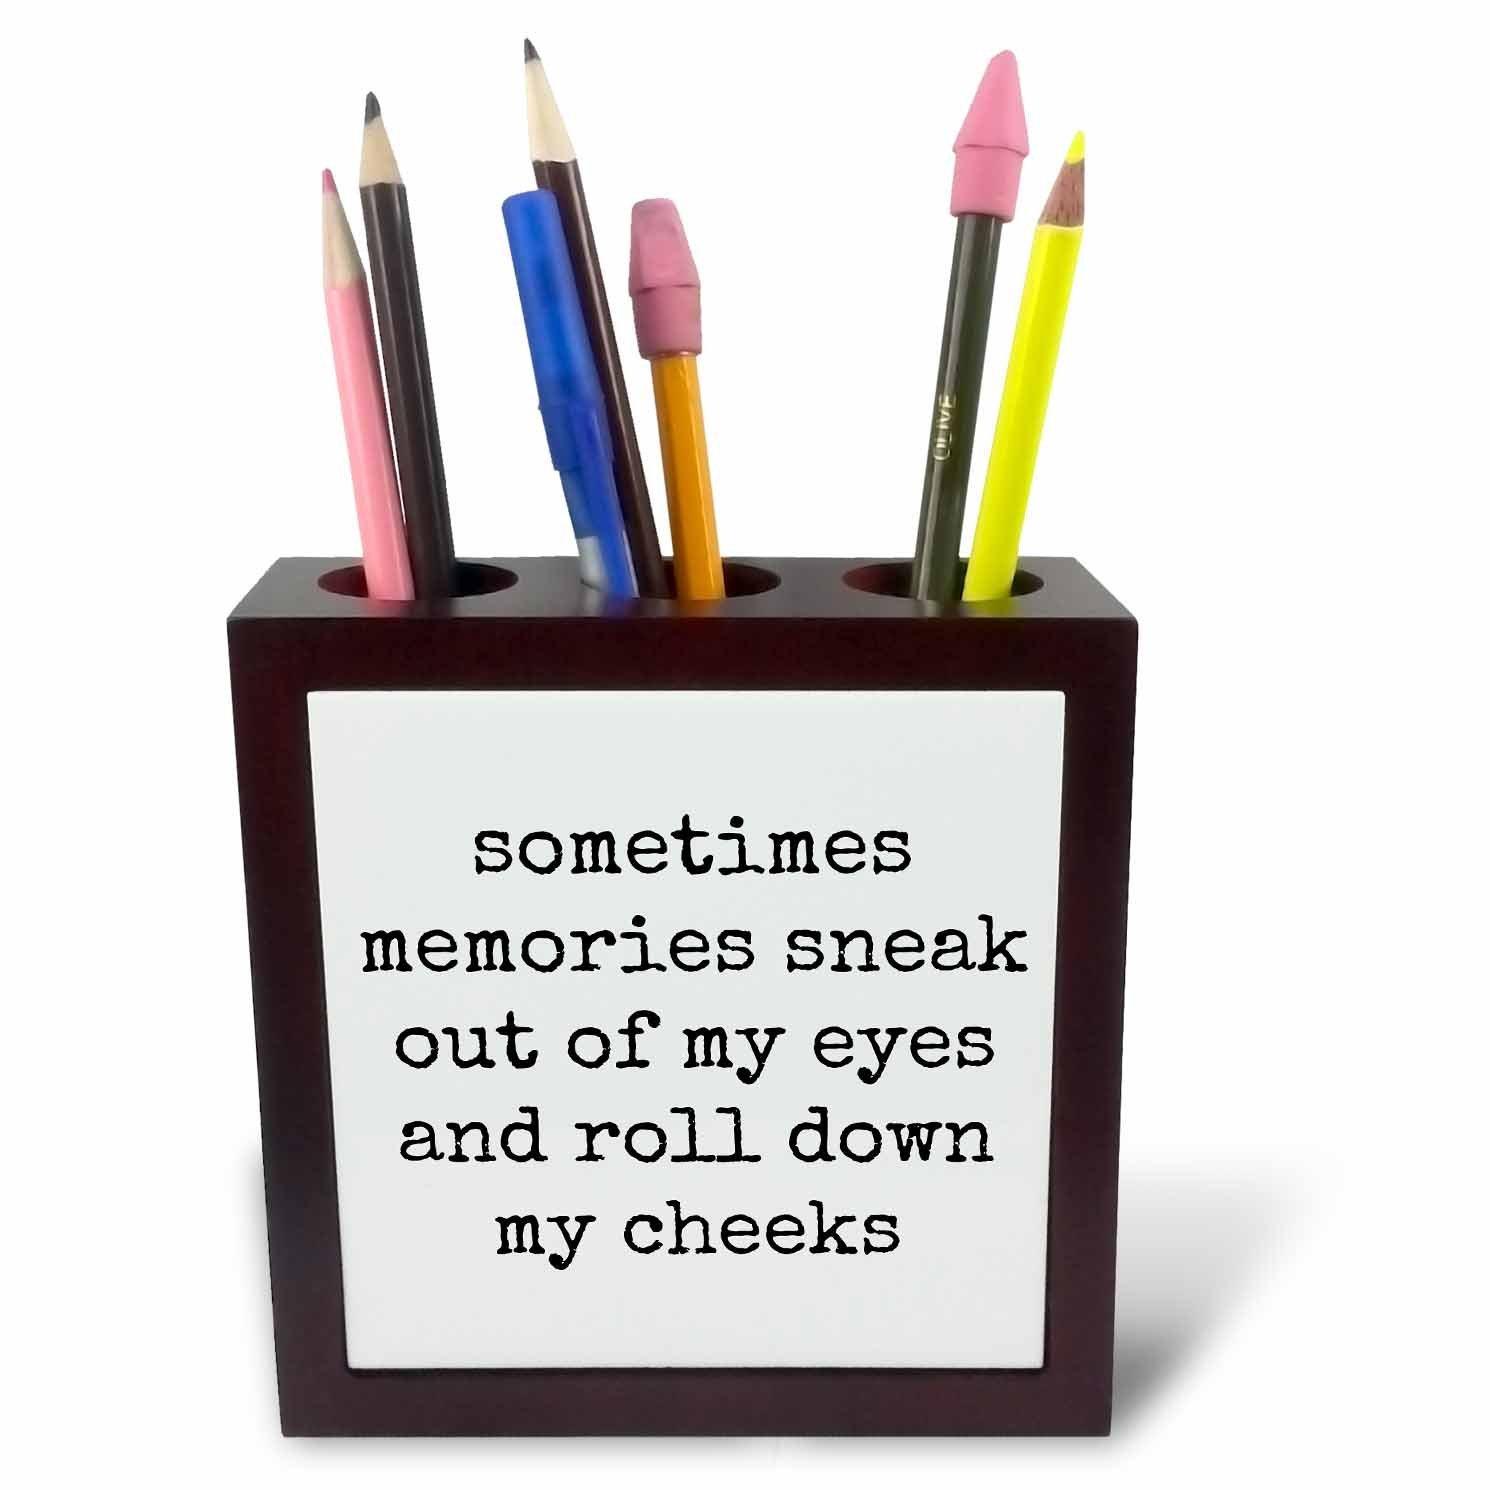 Buy Xander inspirational quotes - Sometimes memories sneak